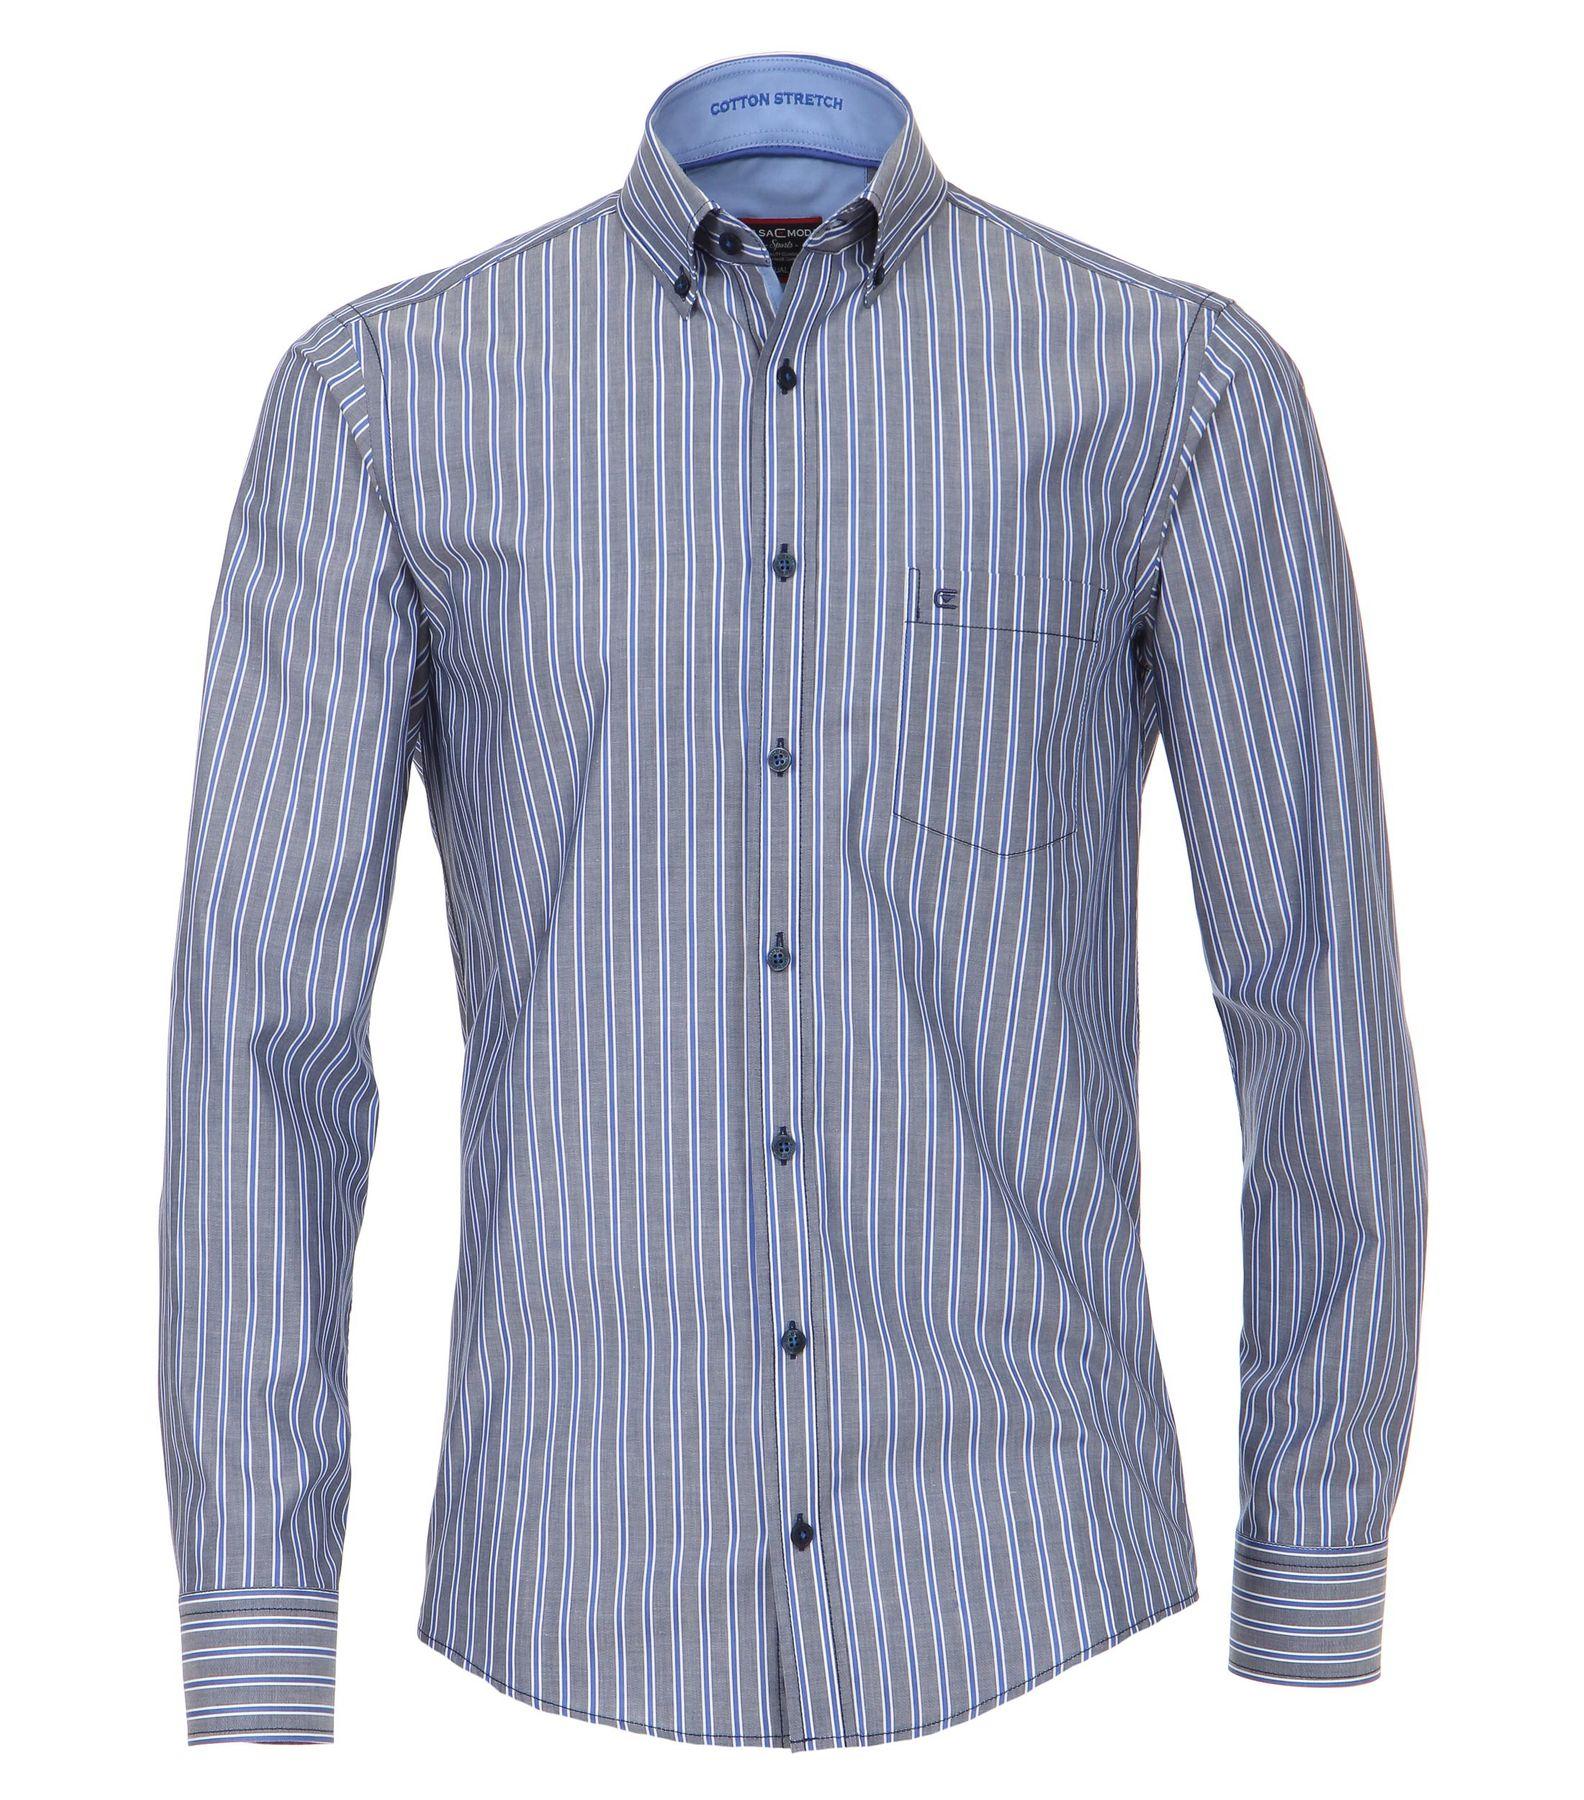 Casa Moda - Casual Fit - Herren Dobby Hemd, gestreift mit Button Down-Kragen in Blau und Rot (472837400A) – Bild 1